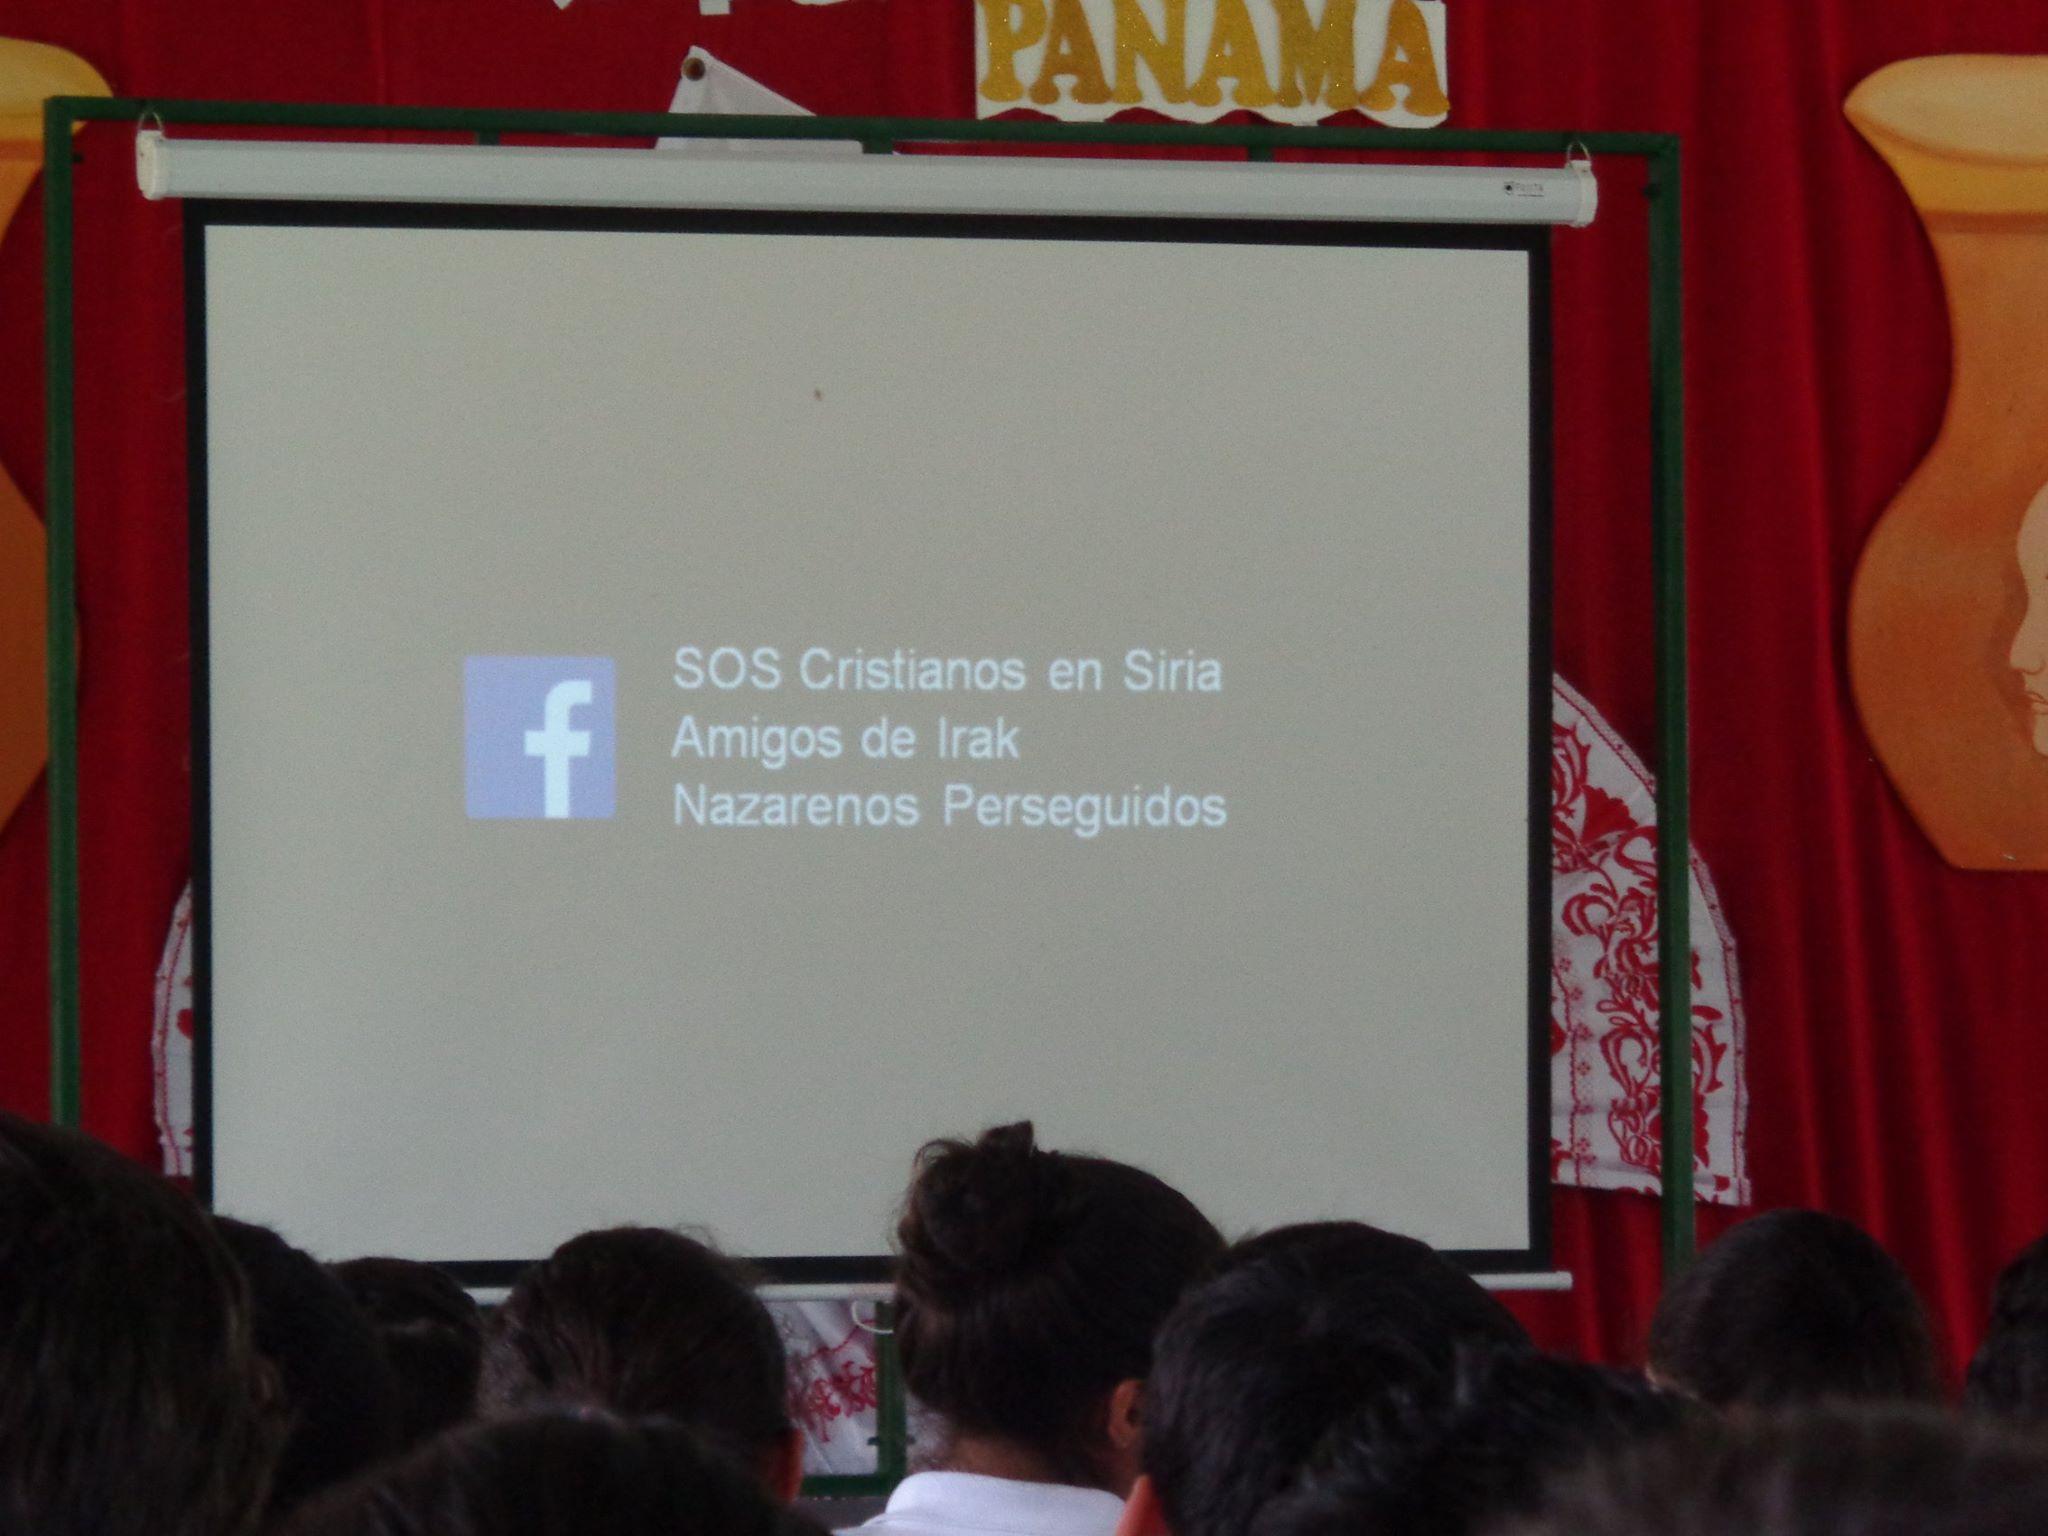 Visita_al_Colegio_María_Auxiliadora_-_Arraiján_6